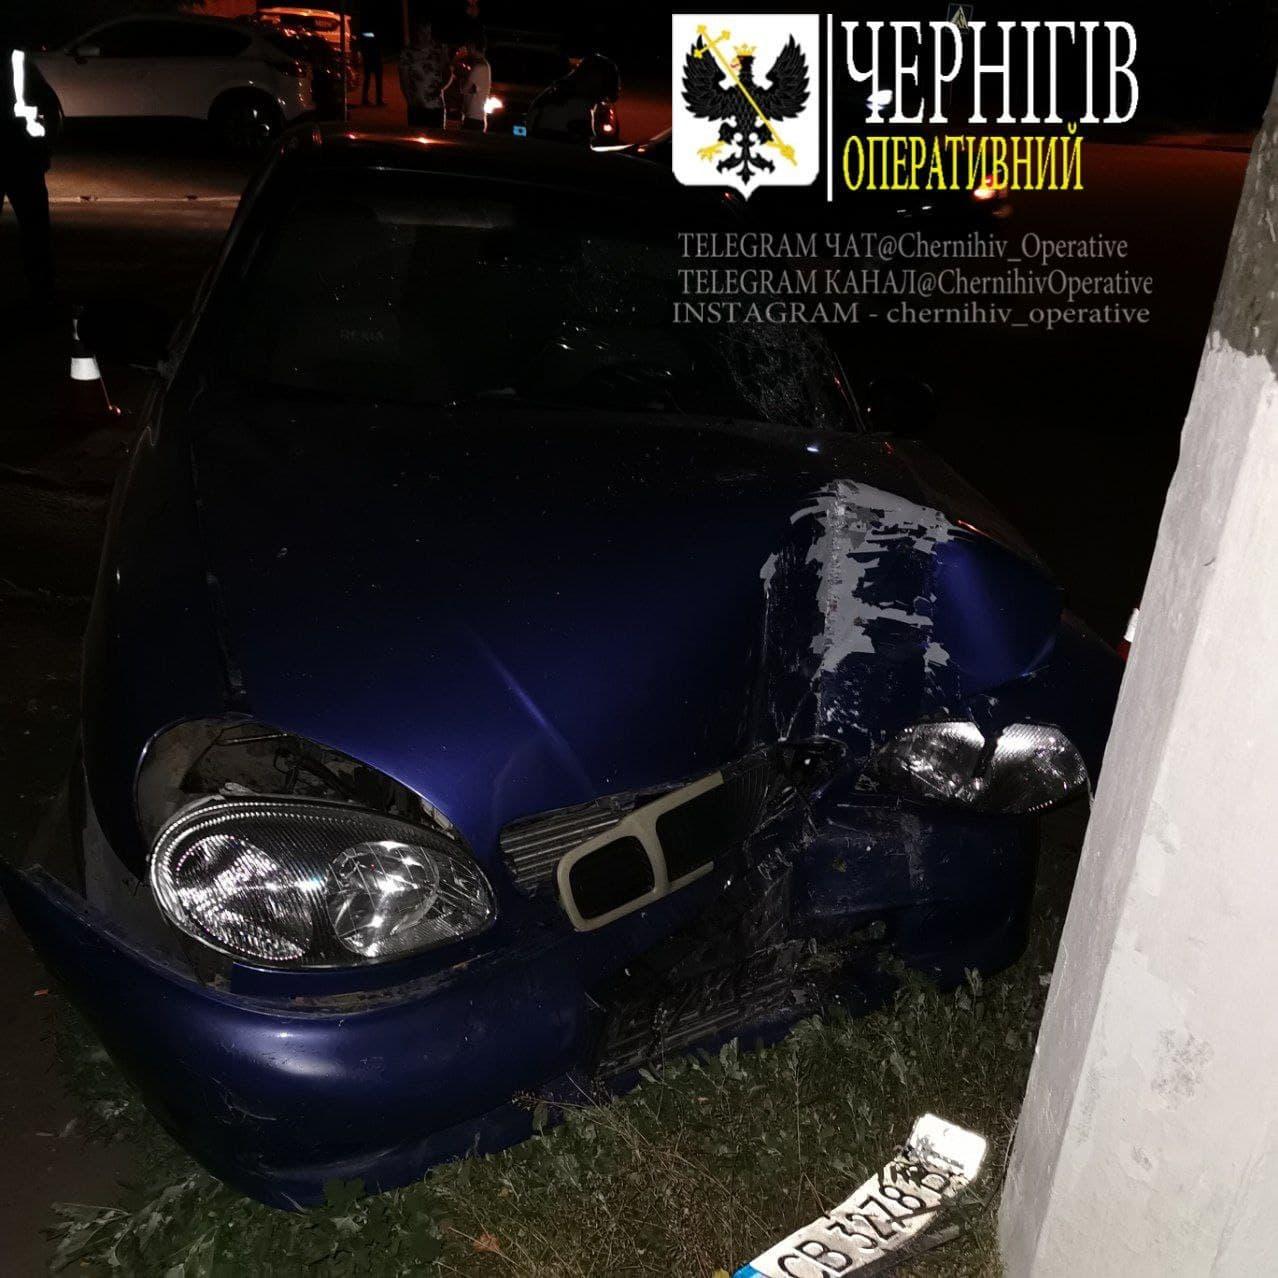 Нічна автопригода у Чернігові: постраждав водій (Фото. Відео)